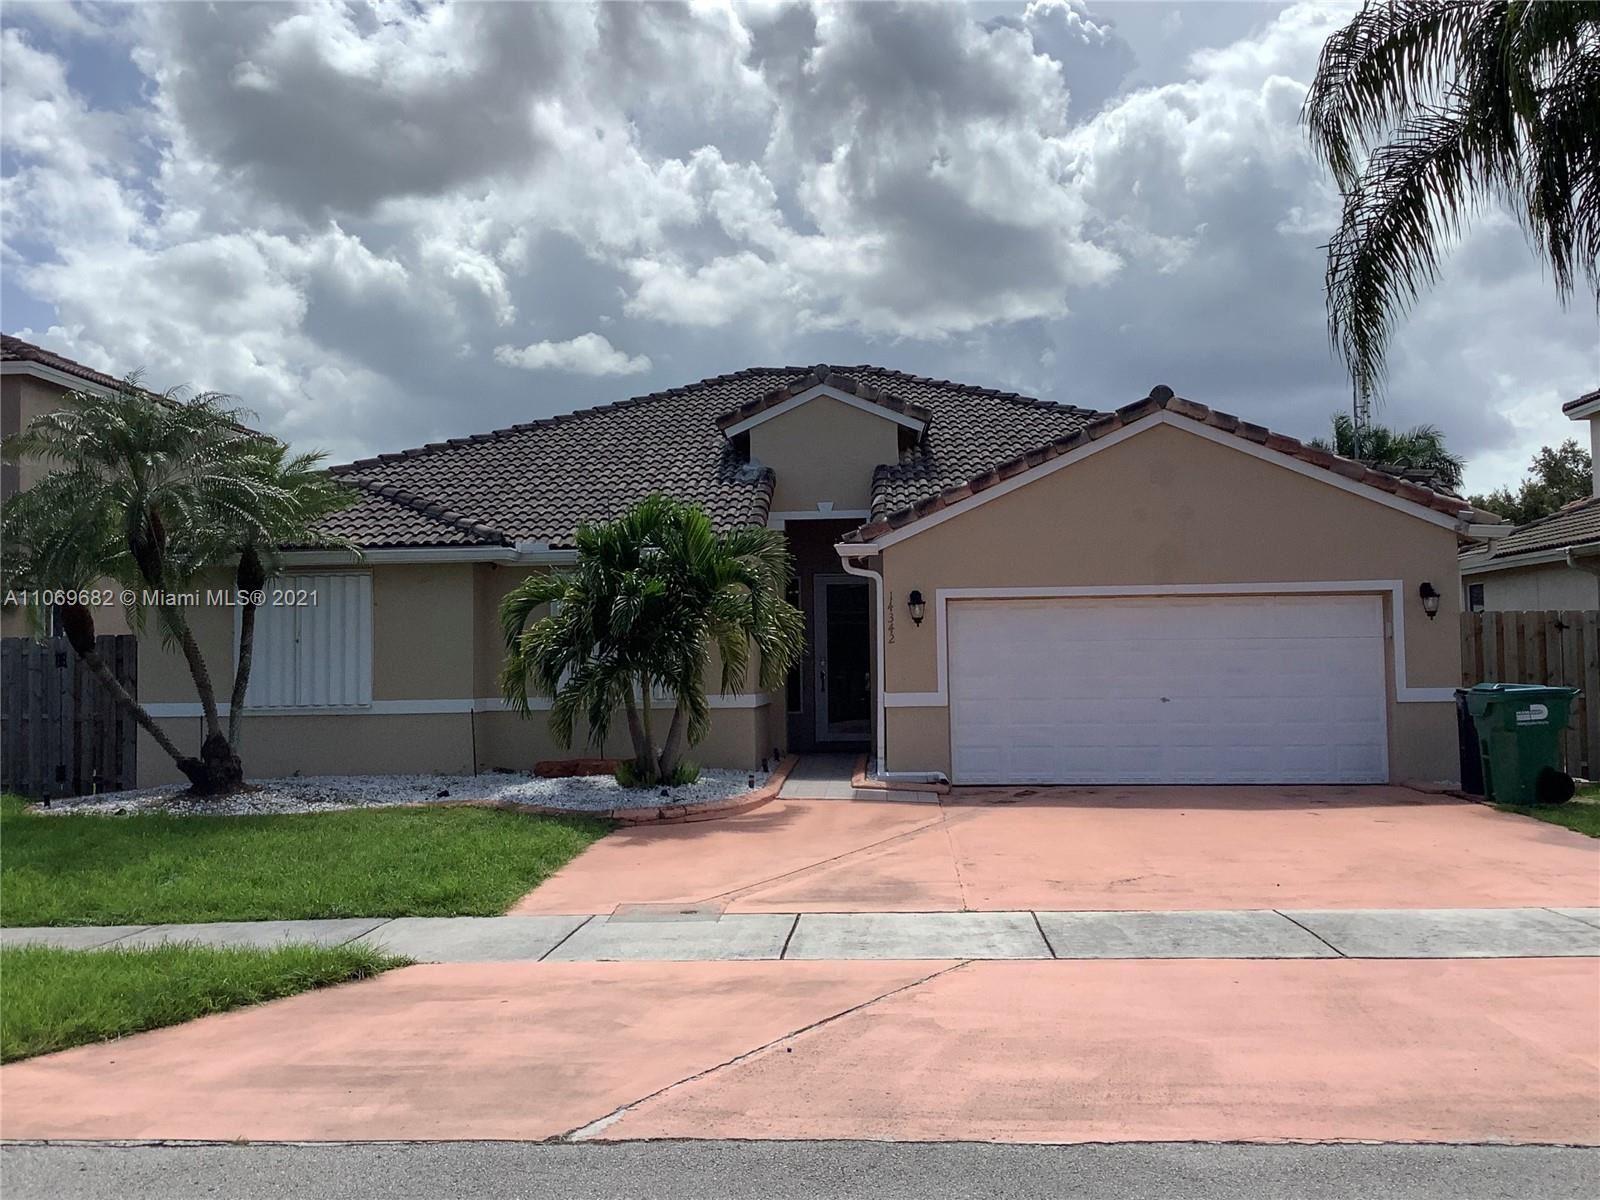 14342 SW 159th Ct, Miami, FL 33196 - #: A11069682